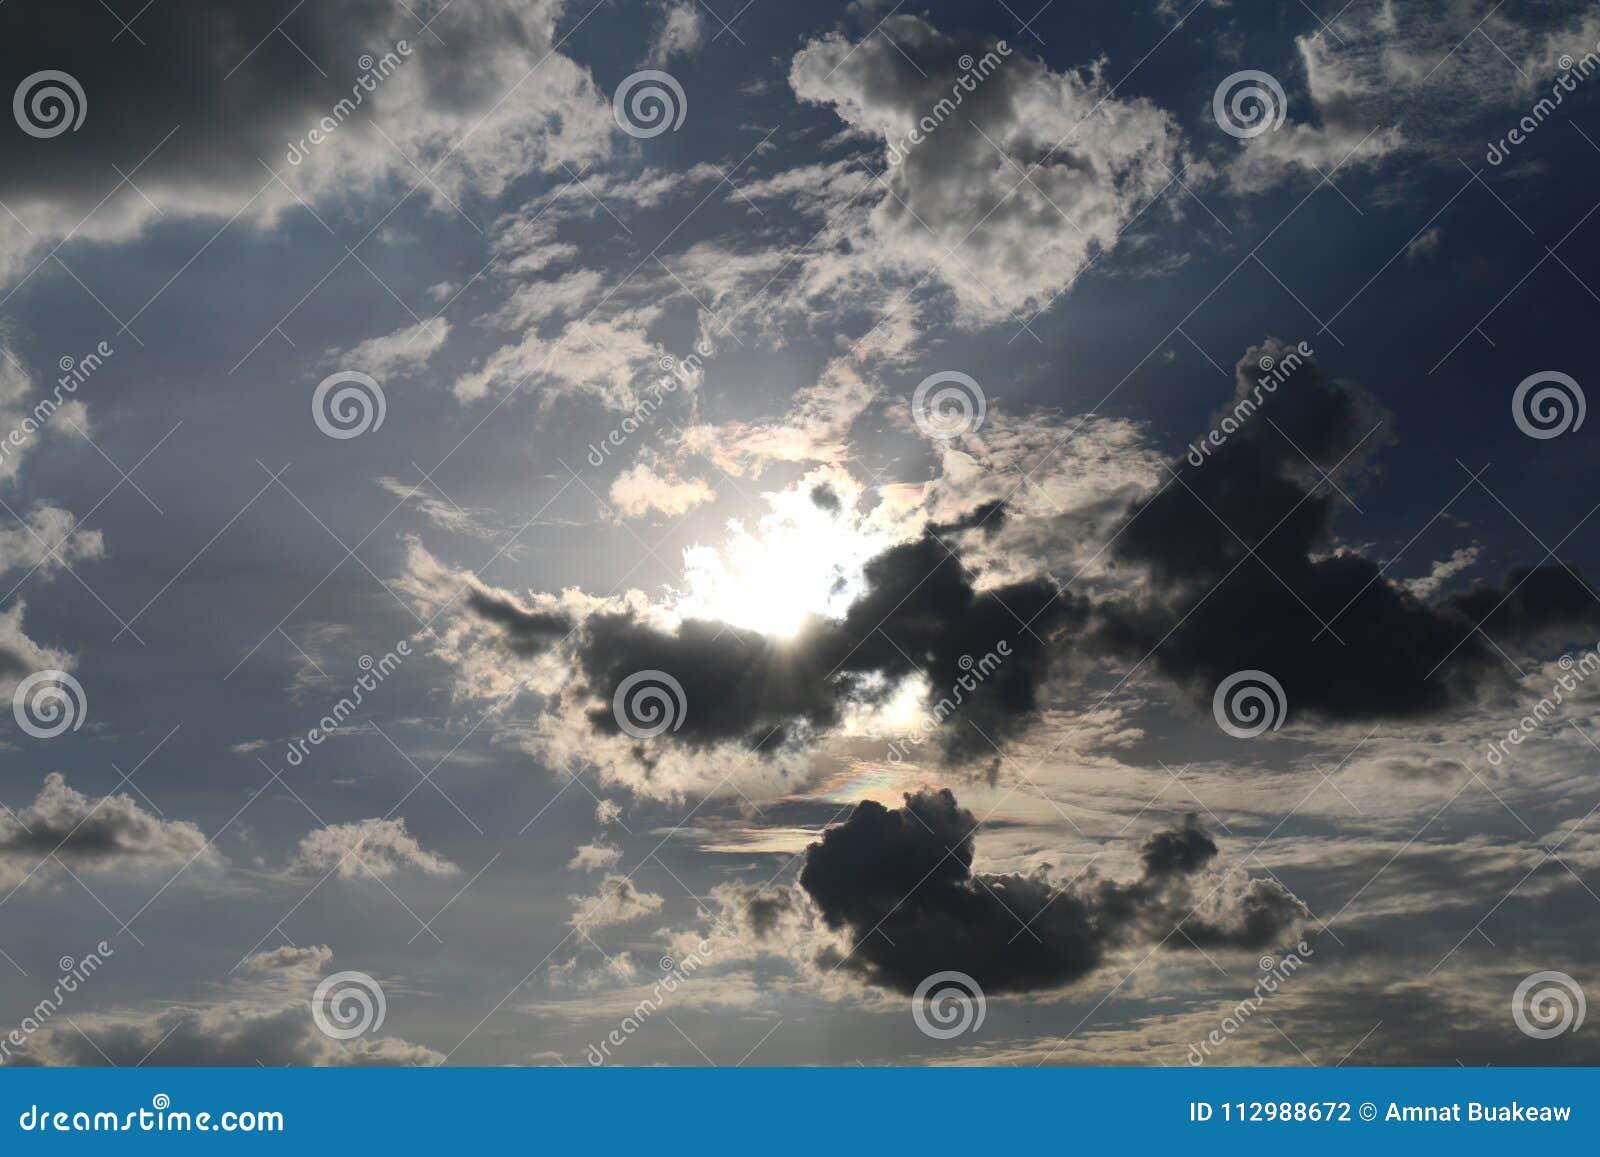 Silhouette sky sun light on dark cloud blue sky background